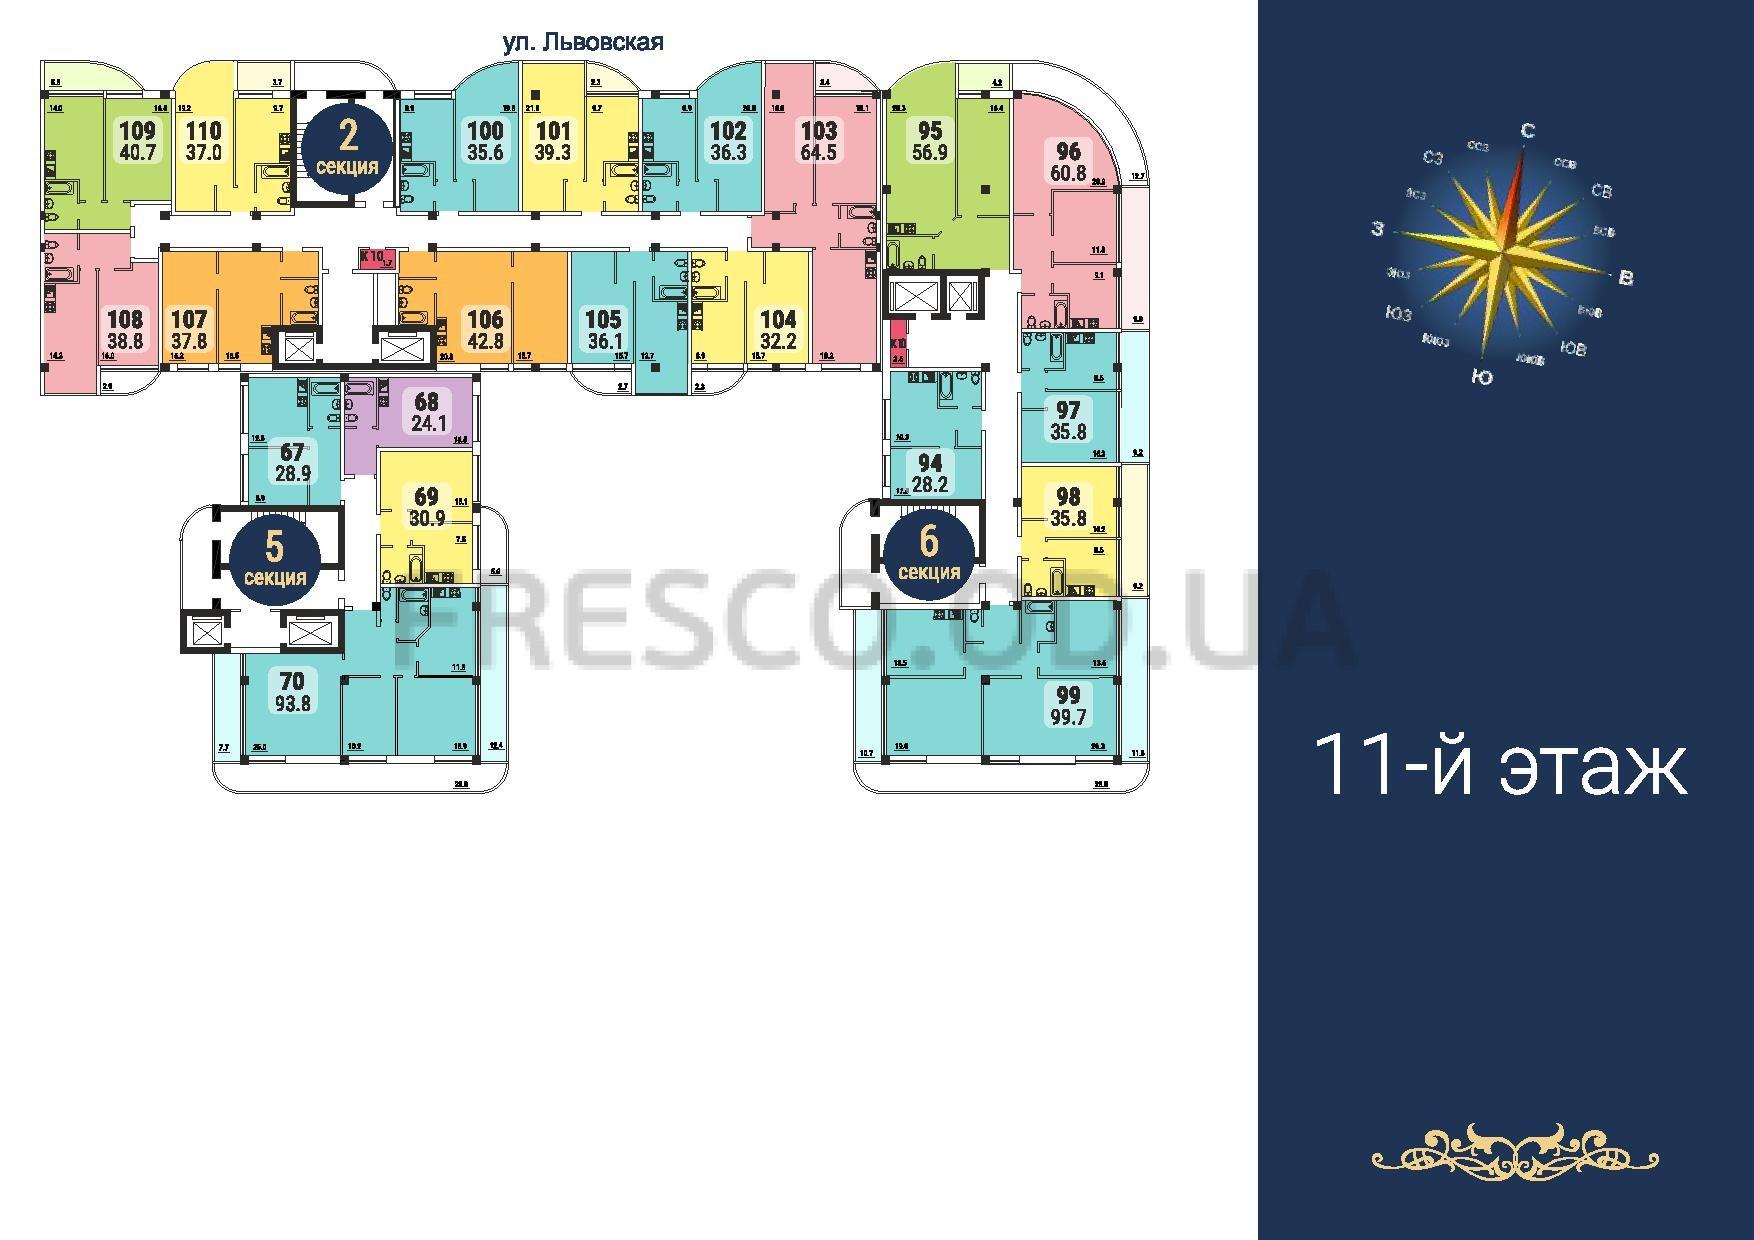 ЖК Море секции 2,5,6 план 11 этажа